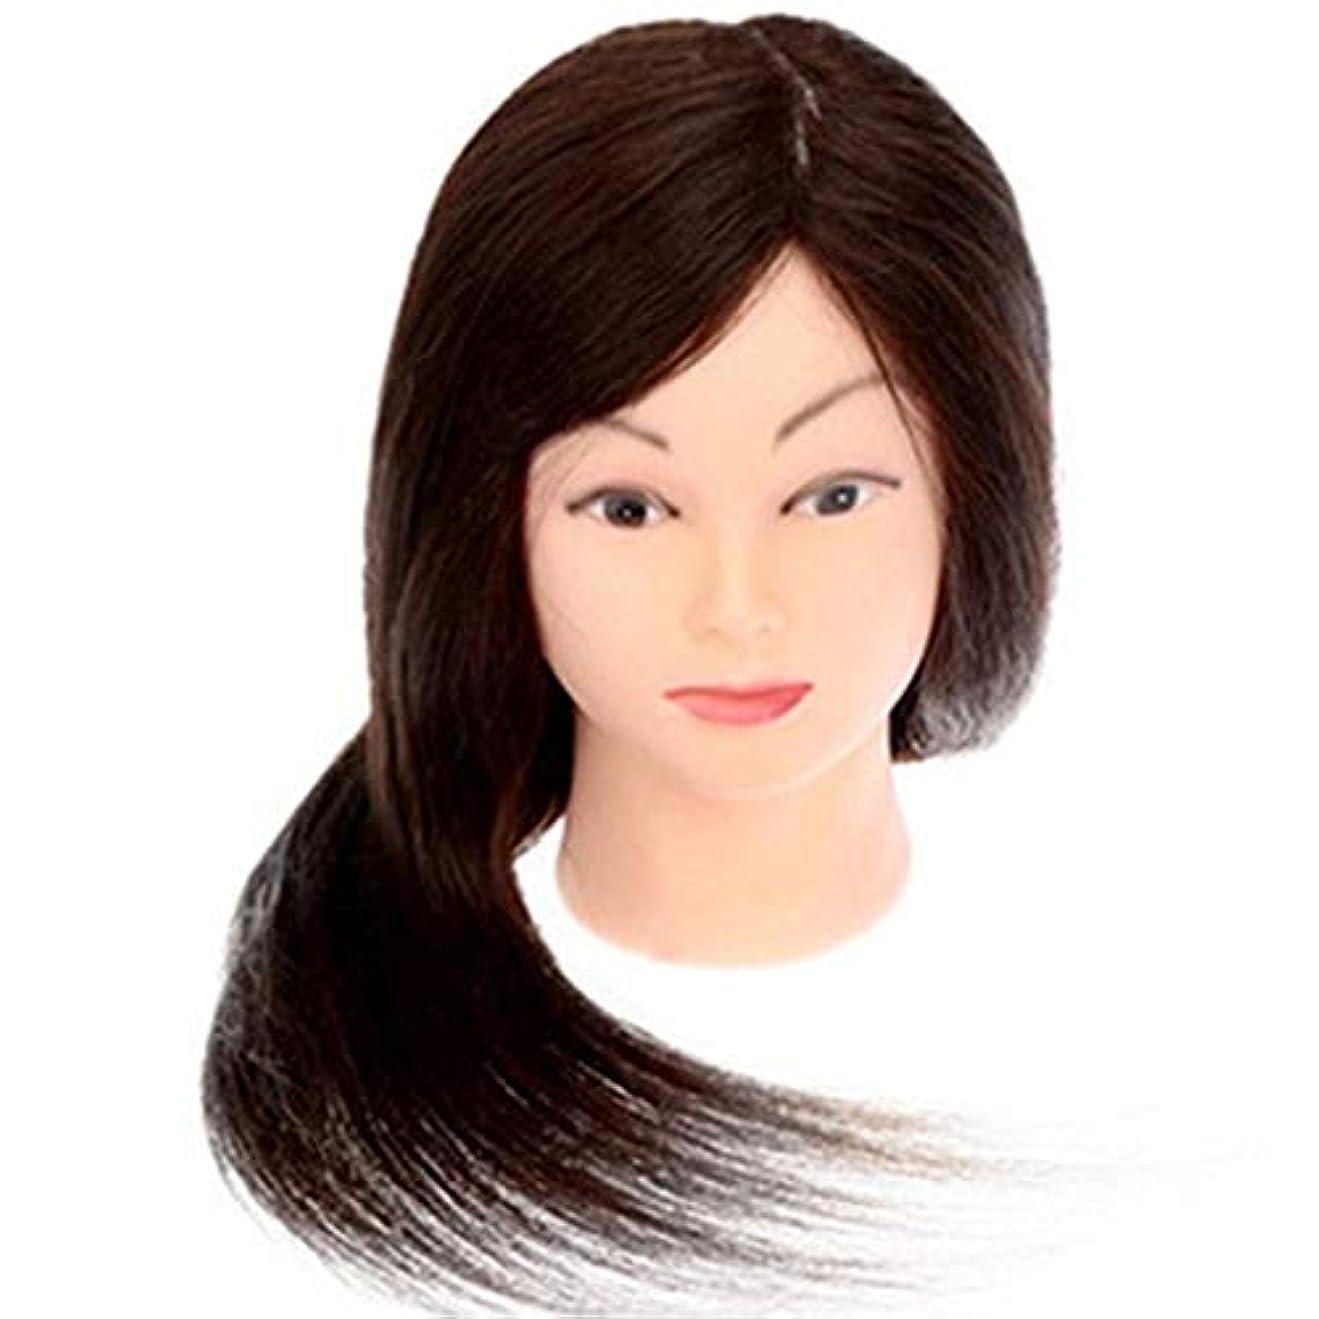 コスト暗くする鹿メイクアップエクササイズディスク髪編組ヘッド金型デュアルユースダミーヘッドモデルヘッド美容ヘアカットティーチングヘッドかつら